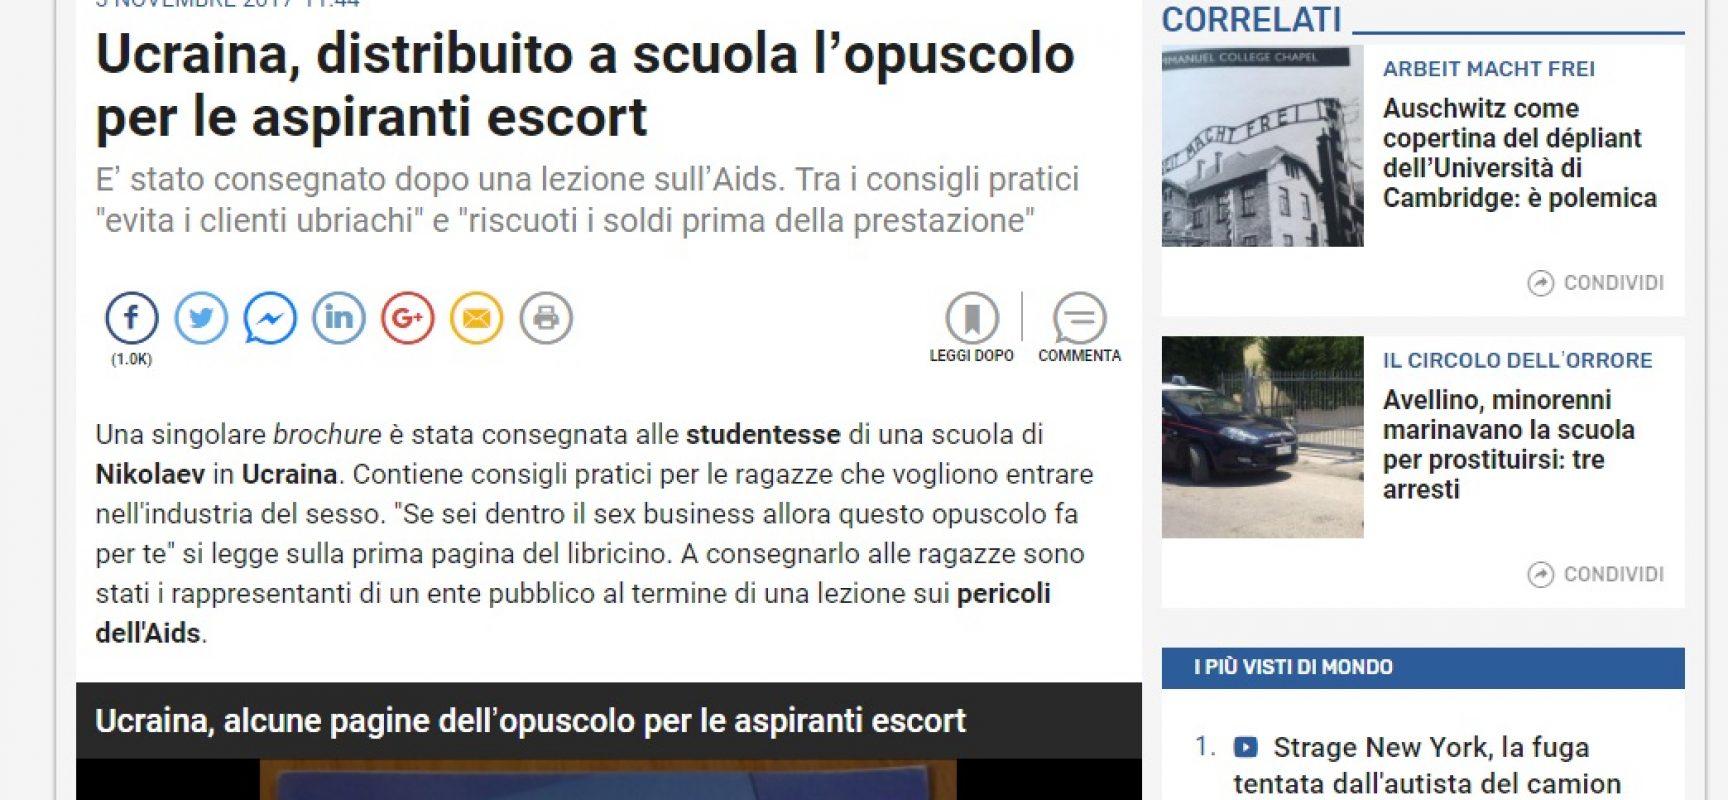 Fake TGcom : Ucraina, distribuito a scuola l'opuscolo per le aspiranti escort